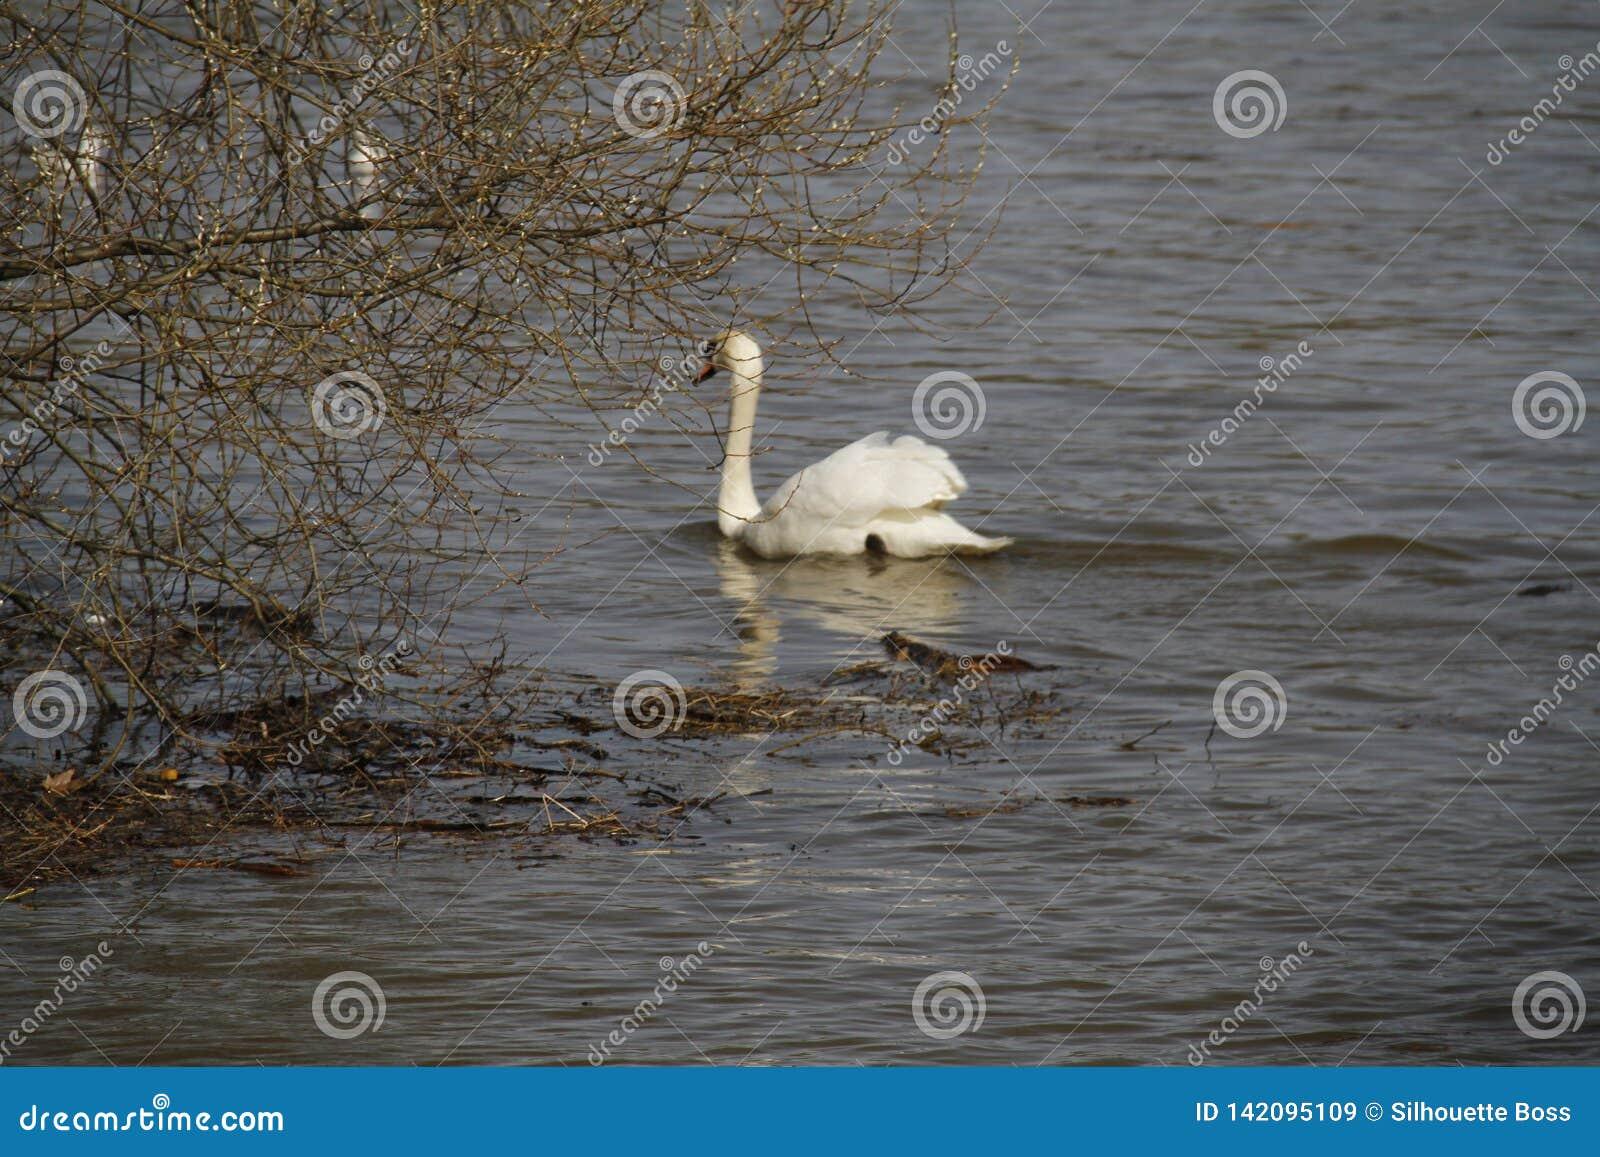 Ein junger Schwan schwimmt ruhig auf dem Wasser